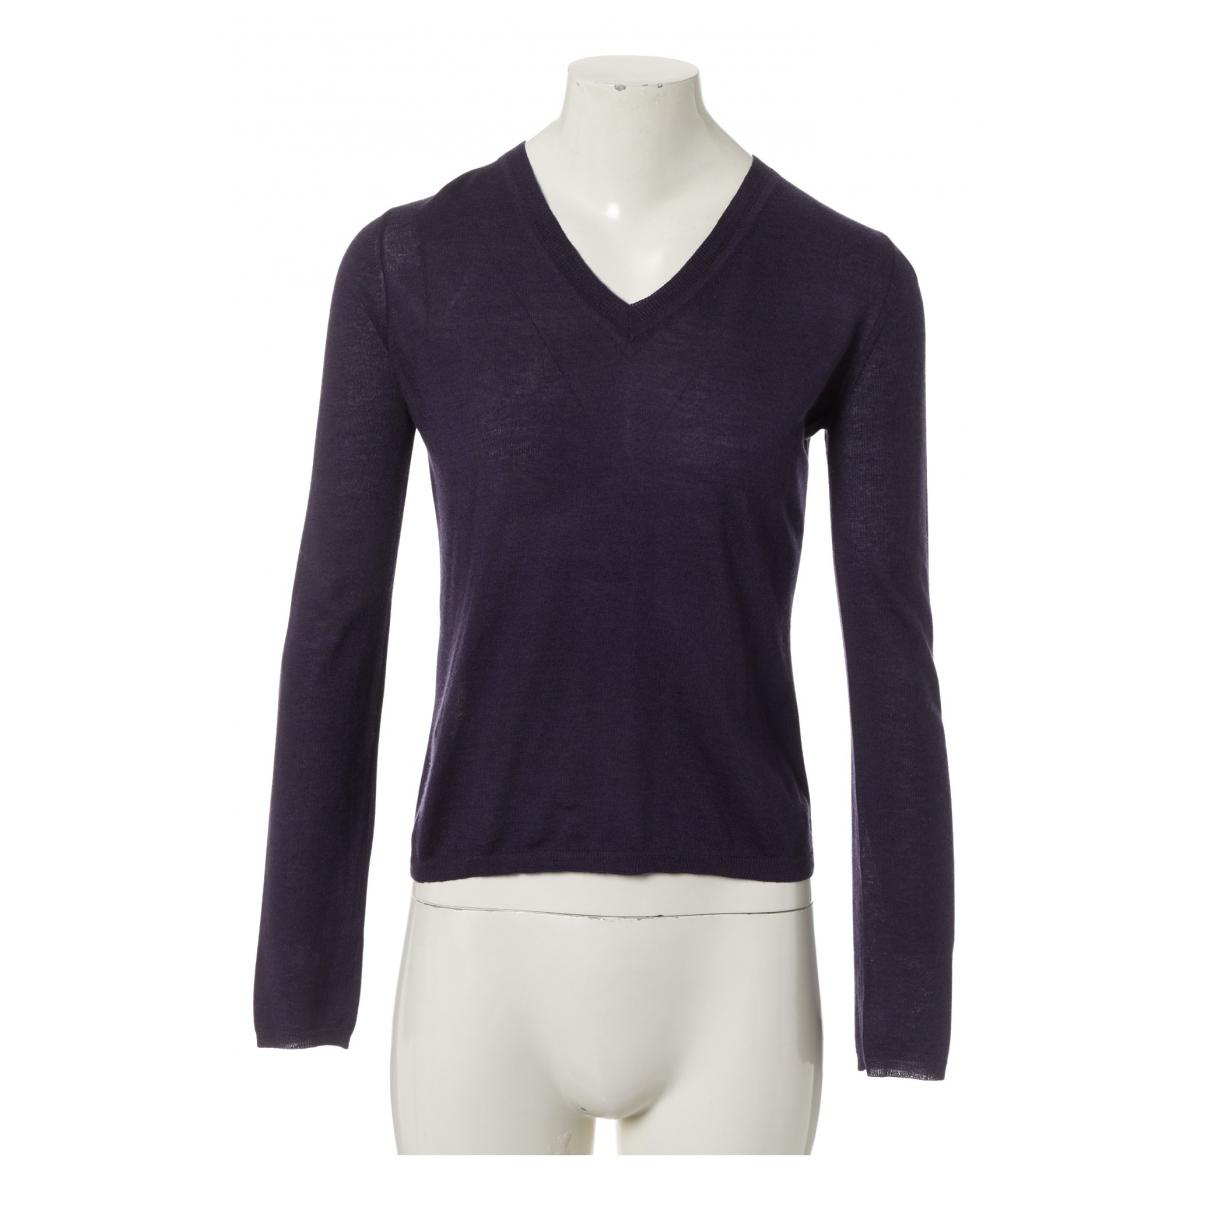 Miu Miu N Purple Wool Knitwear for Women 42 IT